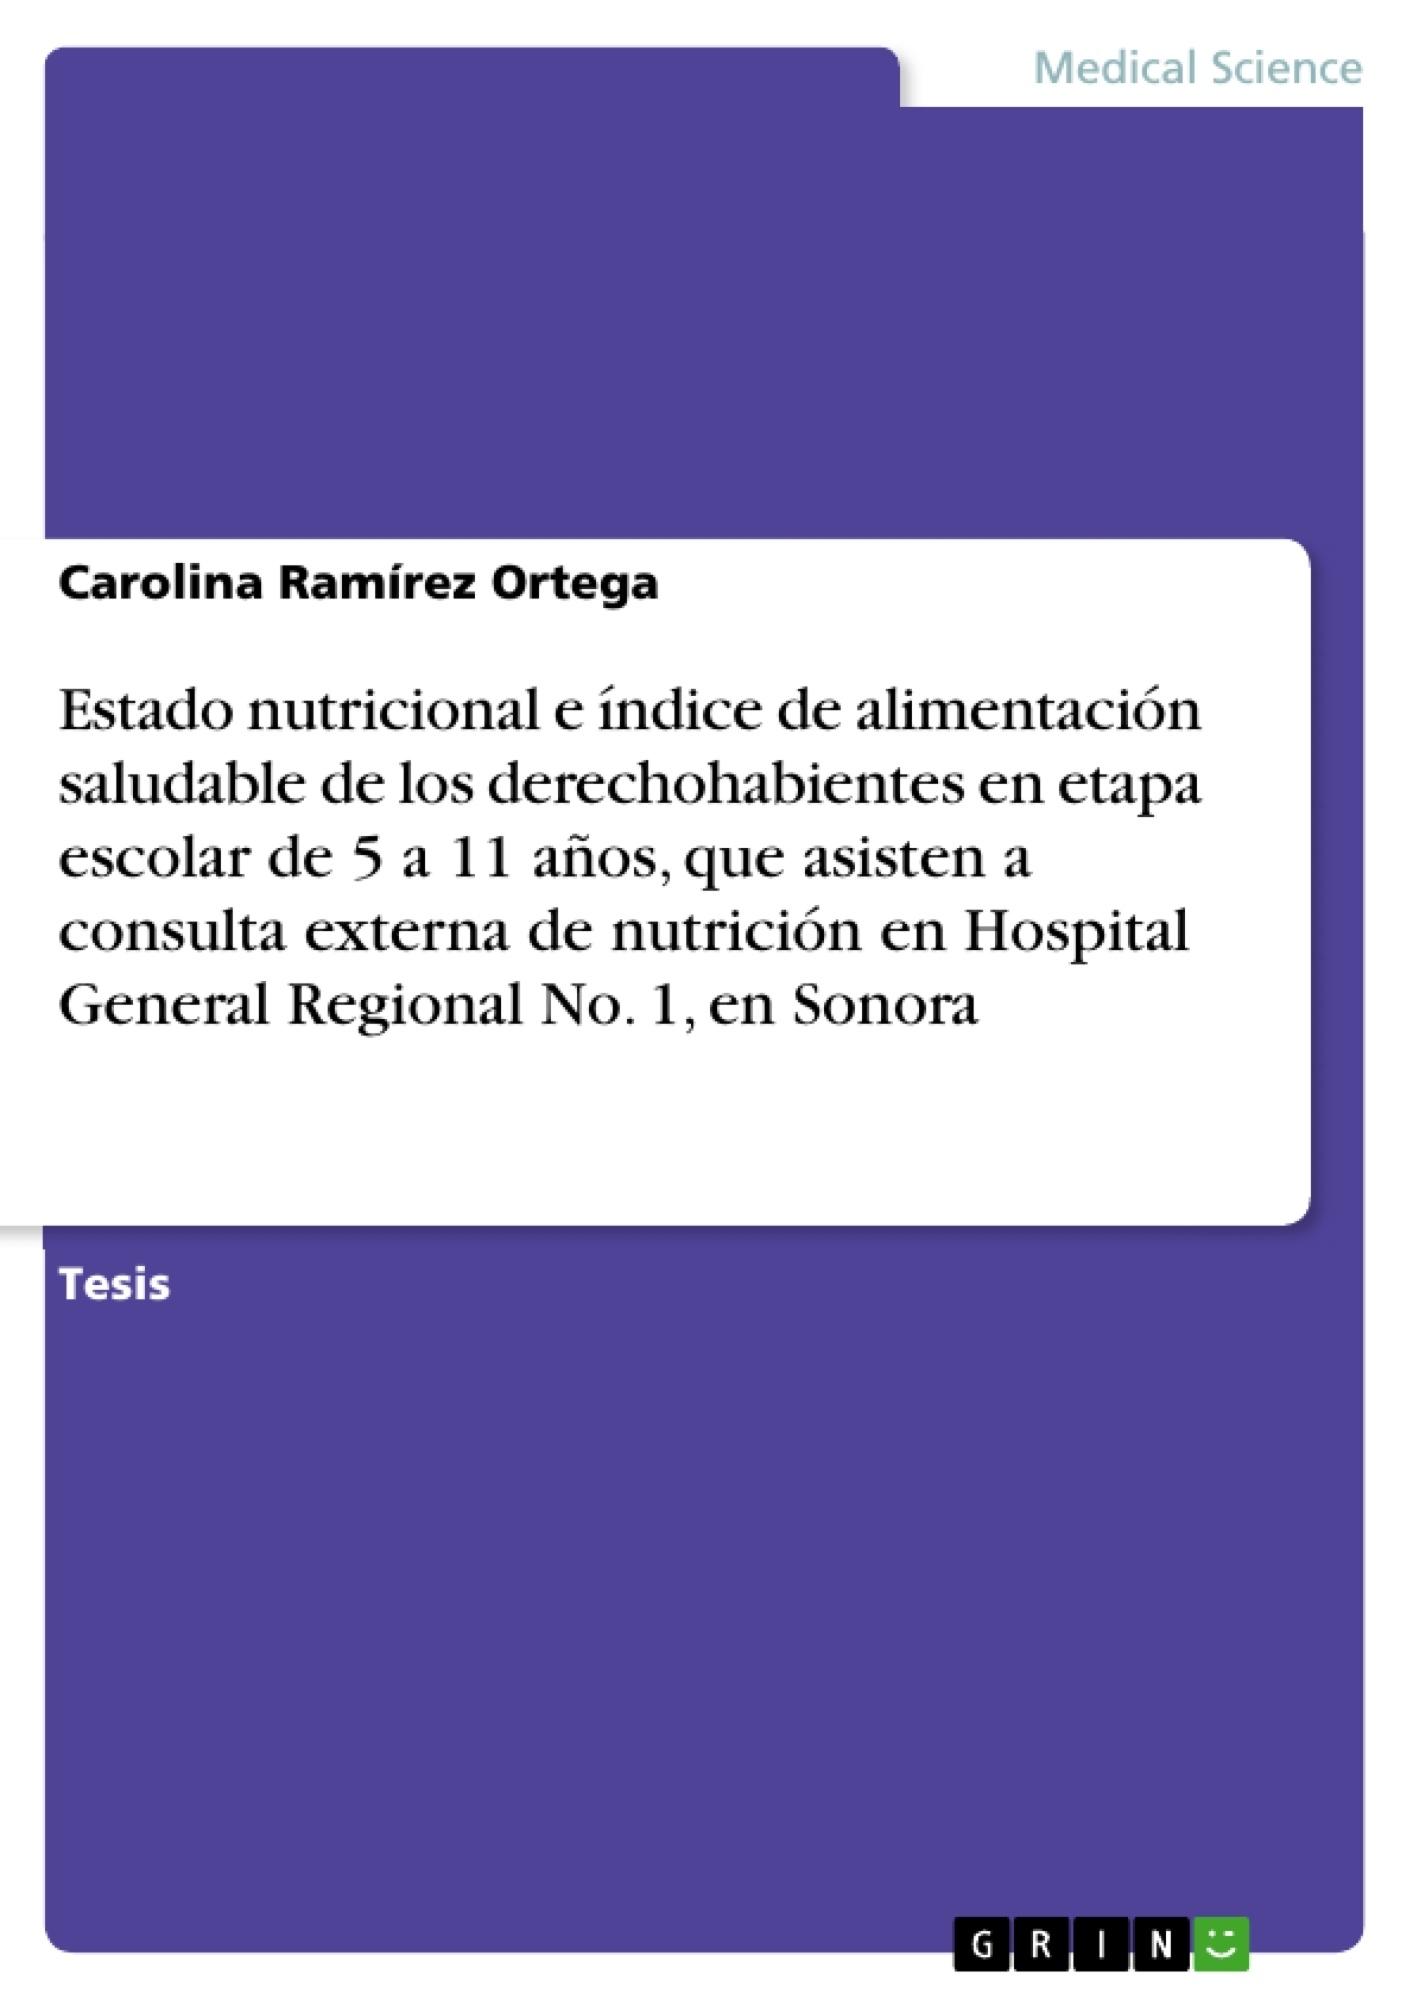 Título: Estado nutricional e índice de alimentación saludable de los derechohabientes en etapa escolar de 5 a 11 años, que asisten a consulta externa de nutrición en Hospital General Regional No. 1, en Sonora